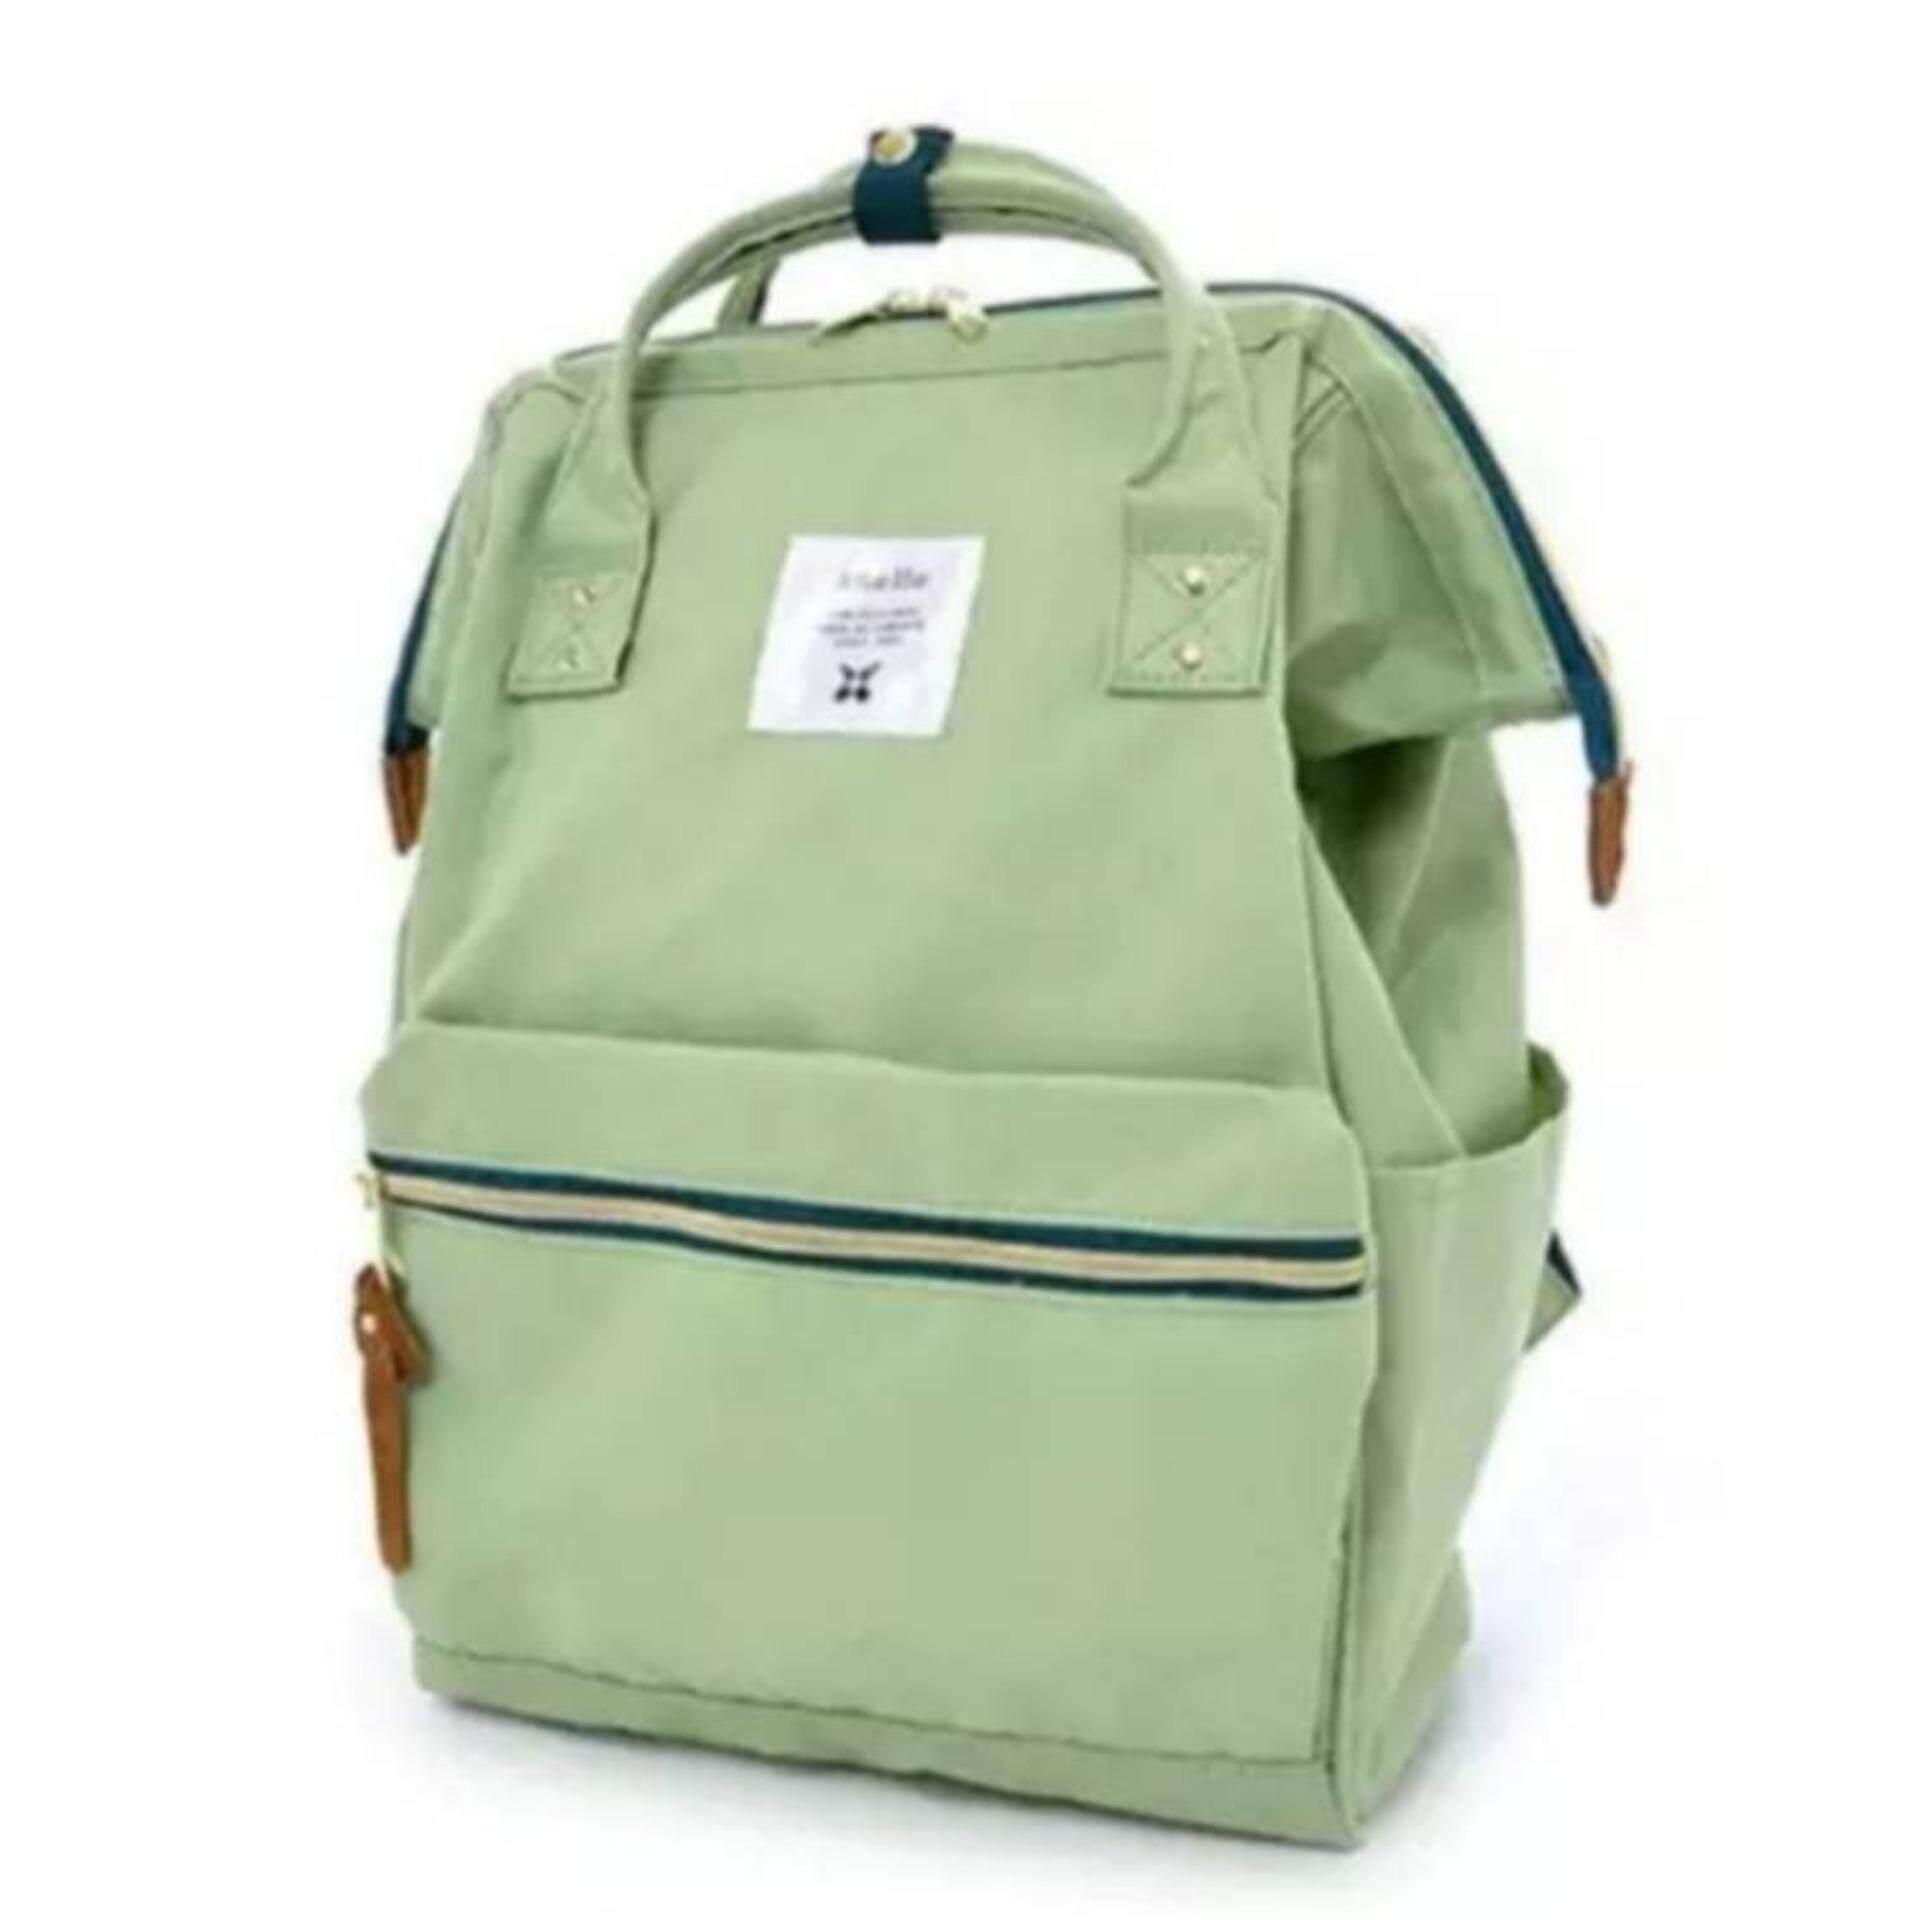 ยี่ห้อนี้ดีไหม  ระนอง Anello Regular Backpack เขียวอ่อน